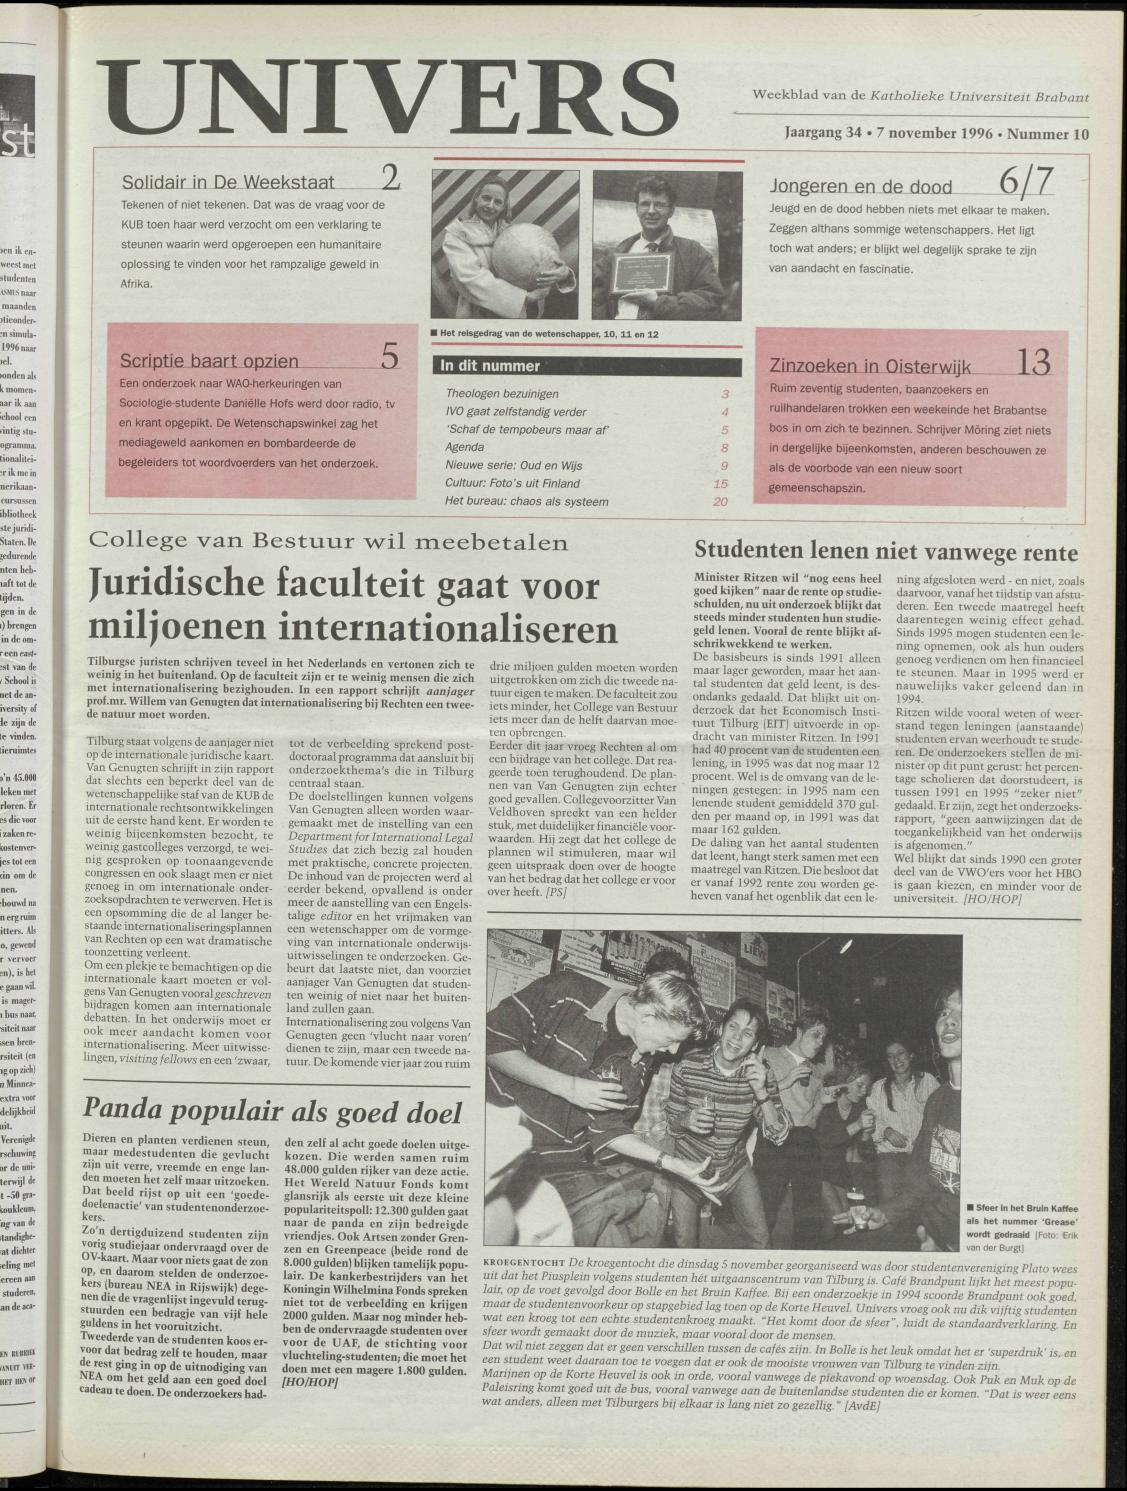 RMG donderdagochtend aansluiting Dating expats Brussel